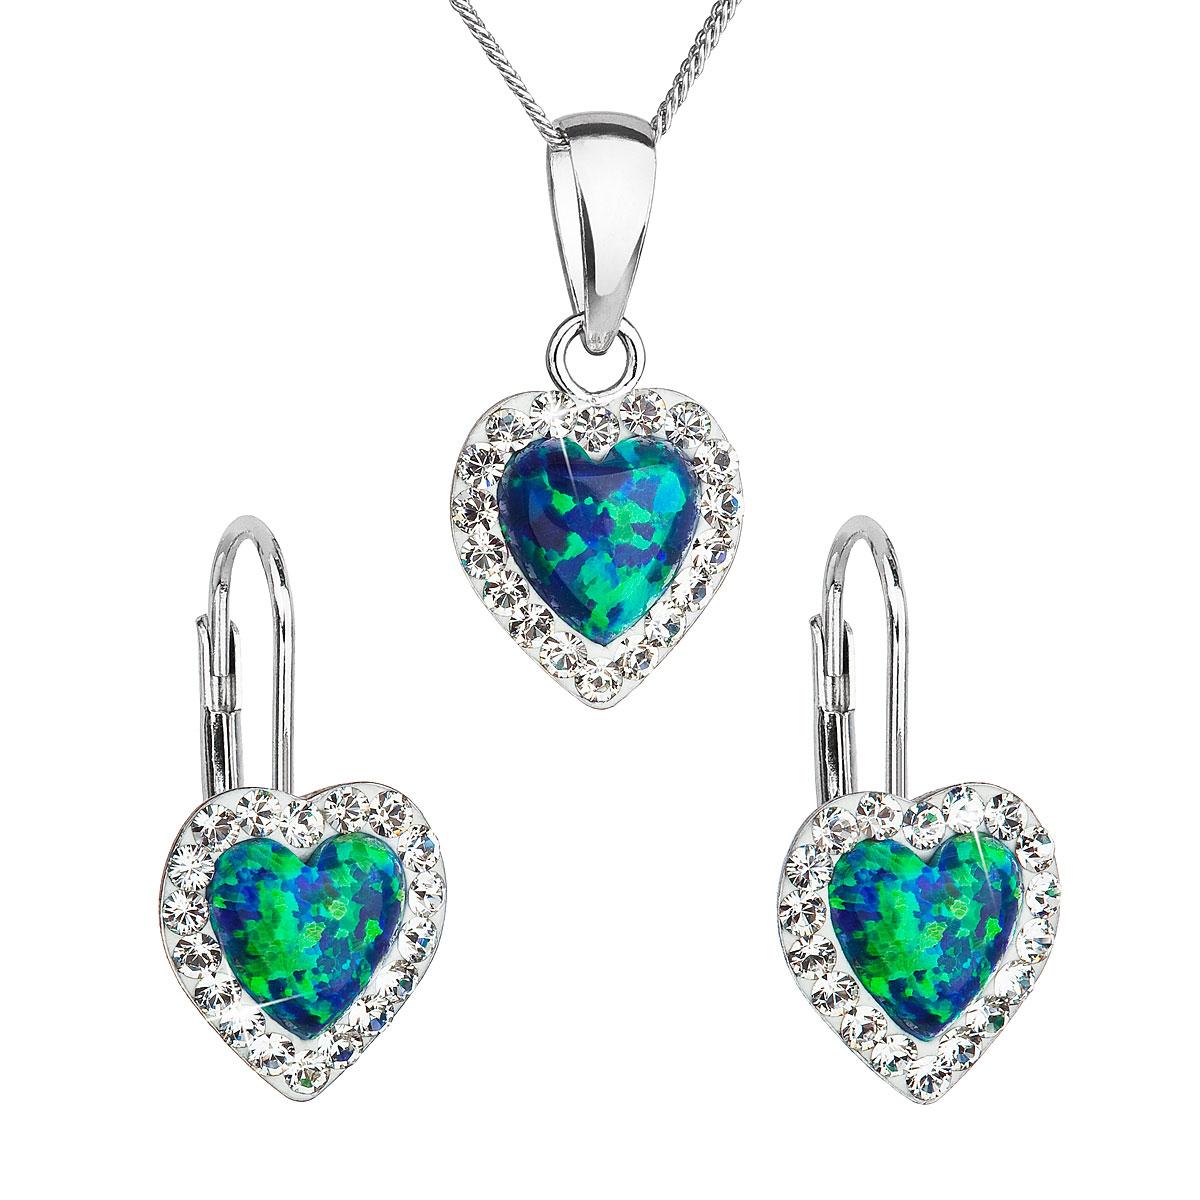 Sada šperků se syntetickým opálem a krystaly Swarovski náušnice a přívěšek  zelené srdce 39161.1 e1c9243ec59